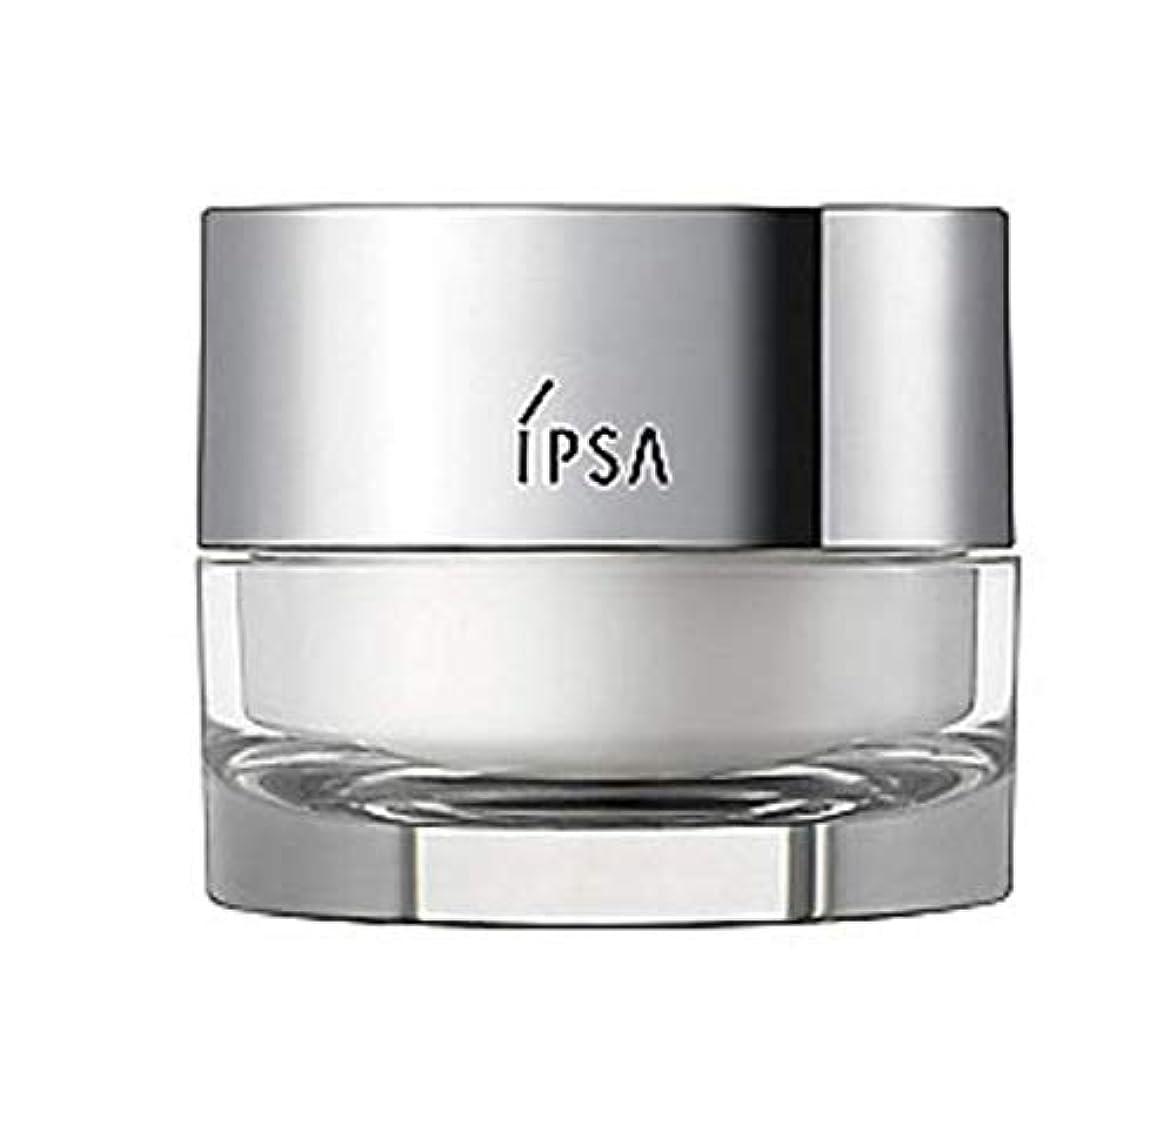 遠足履歴書旅客【IPSA(イプサ)】ターゲットエフェクト S_30g(クリーム)